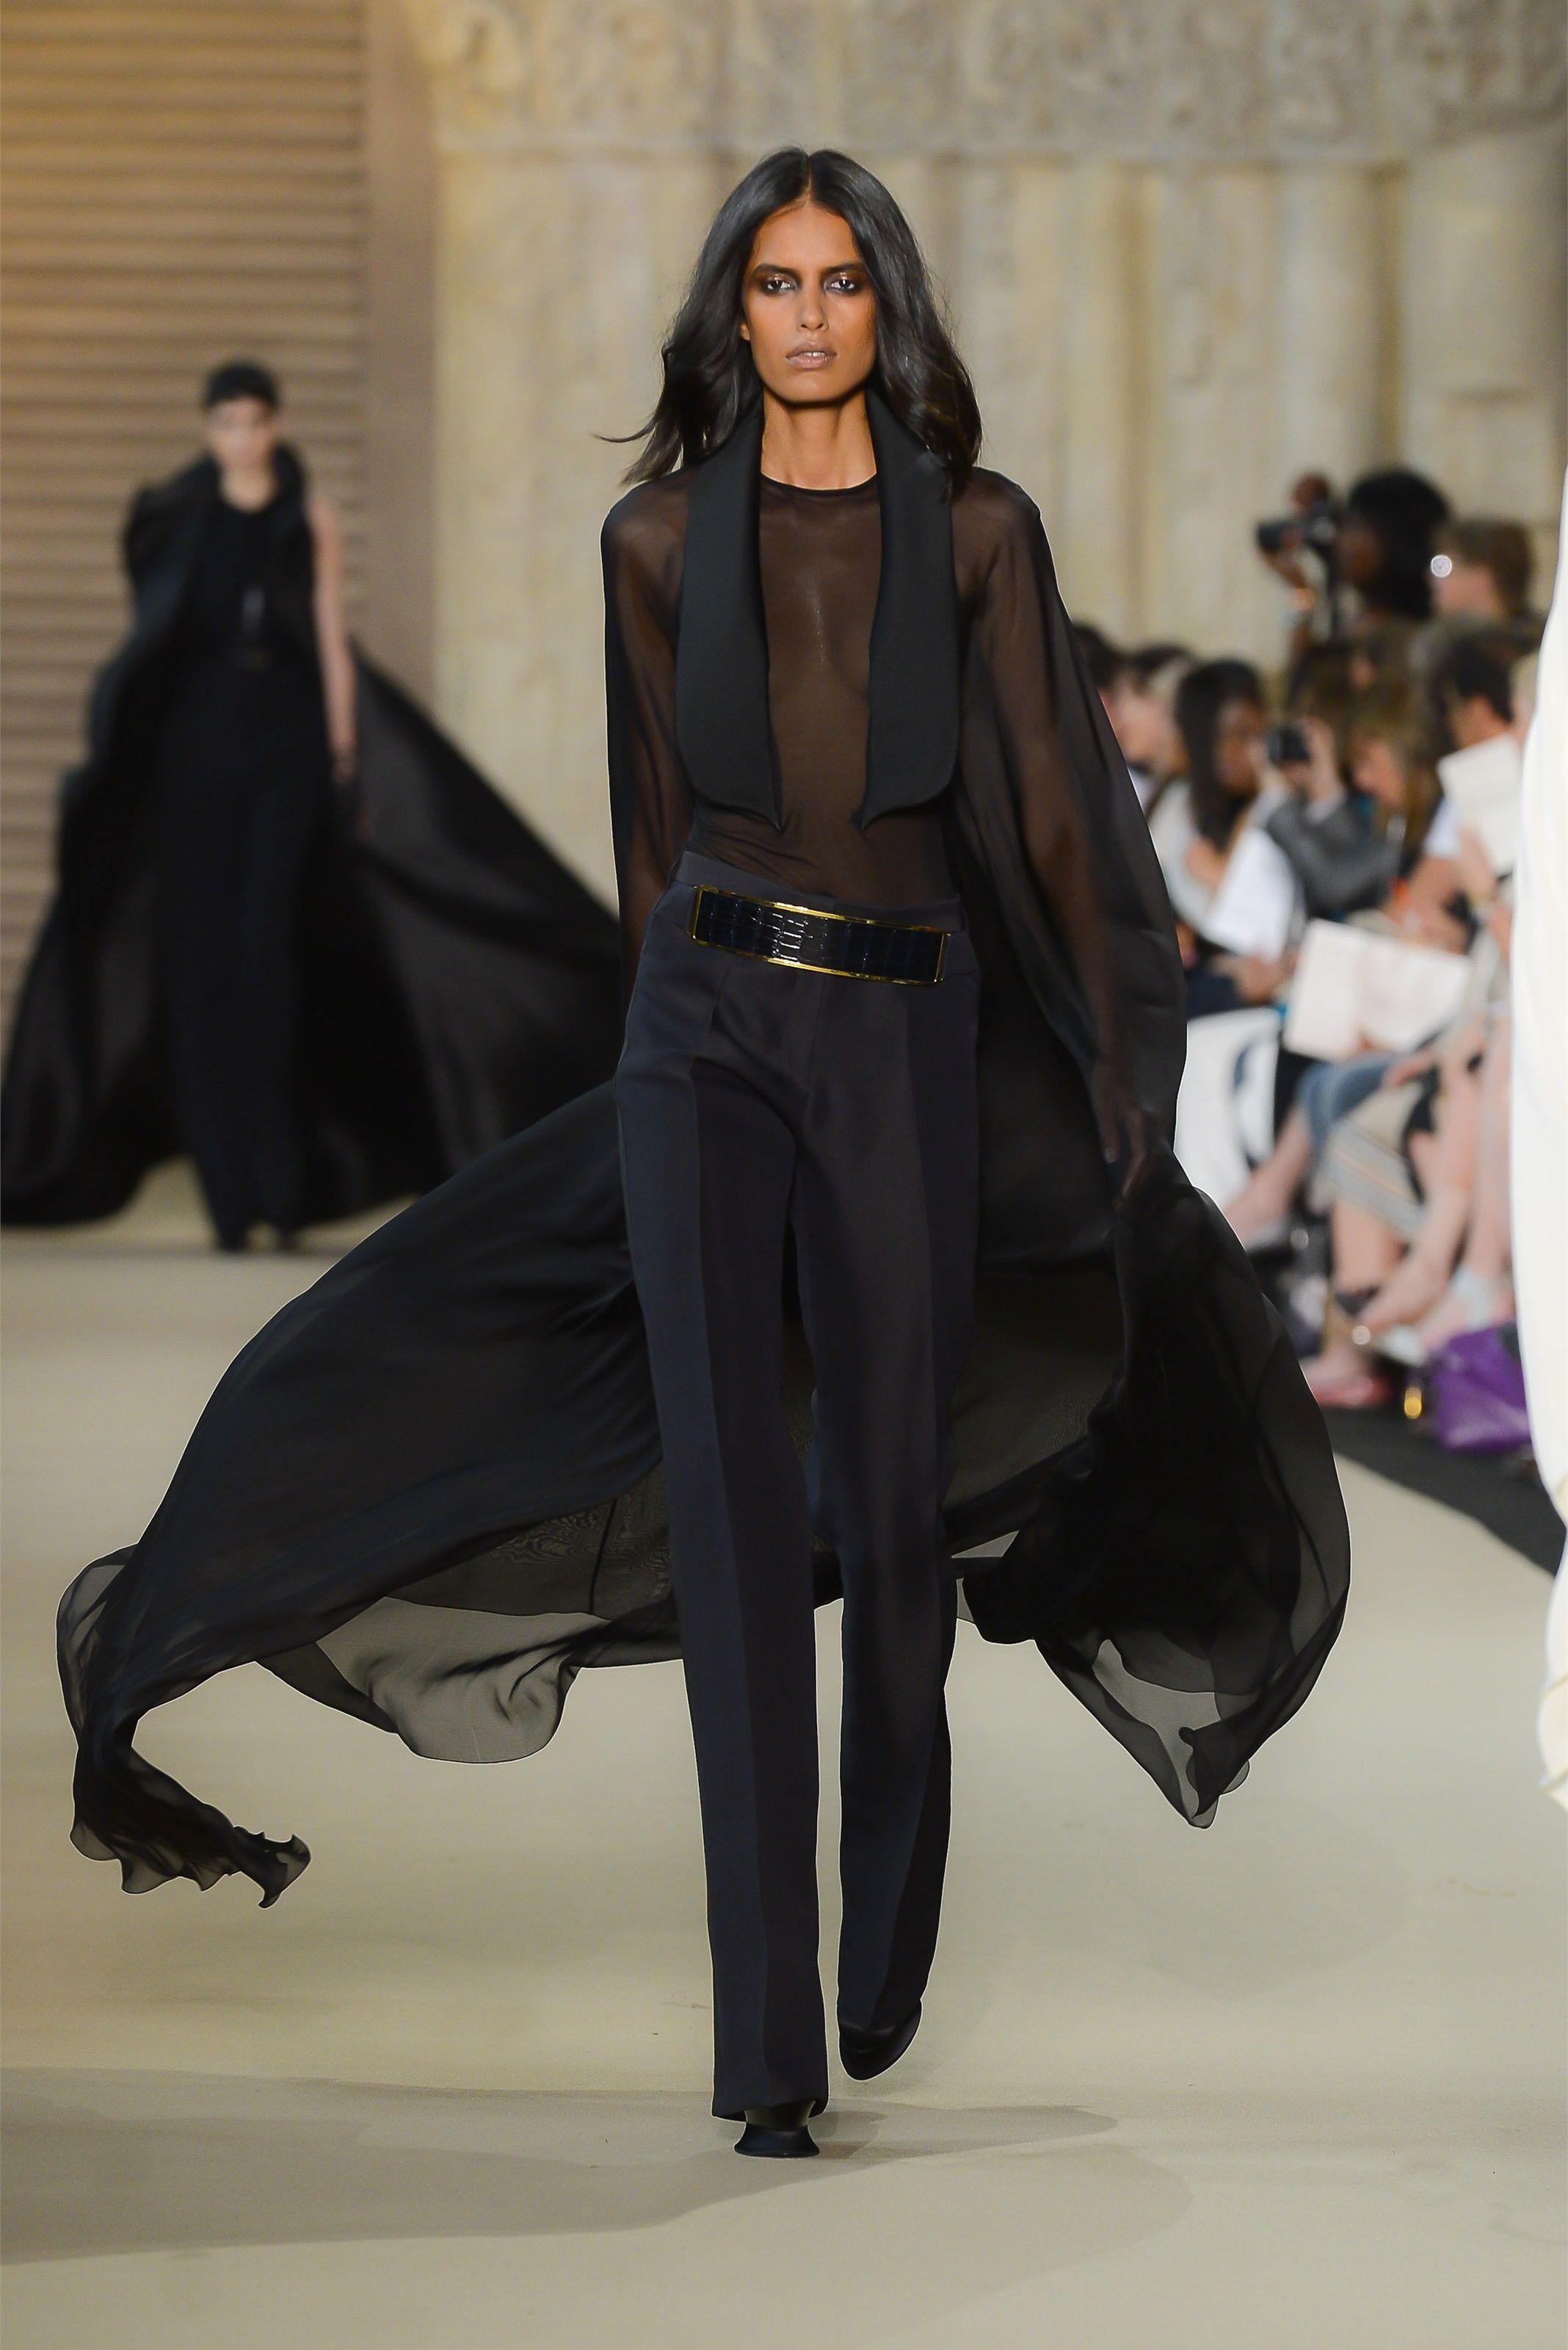 Guarda la sfilata di moda Stéphane Rolland a Parigi e scopri la collezione  di abiti e accessori per la stagione Alta Moda Autunno-Inverno 2012-13. 8353bb09e16